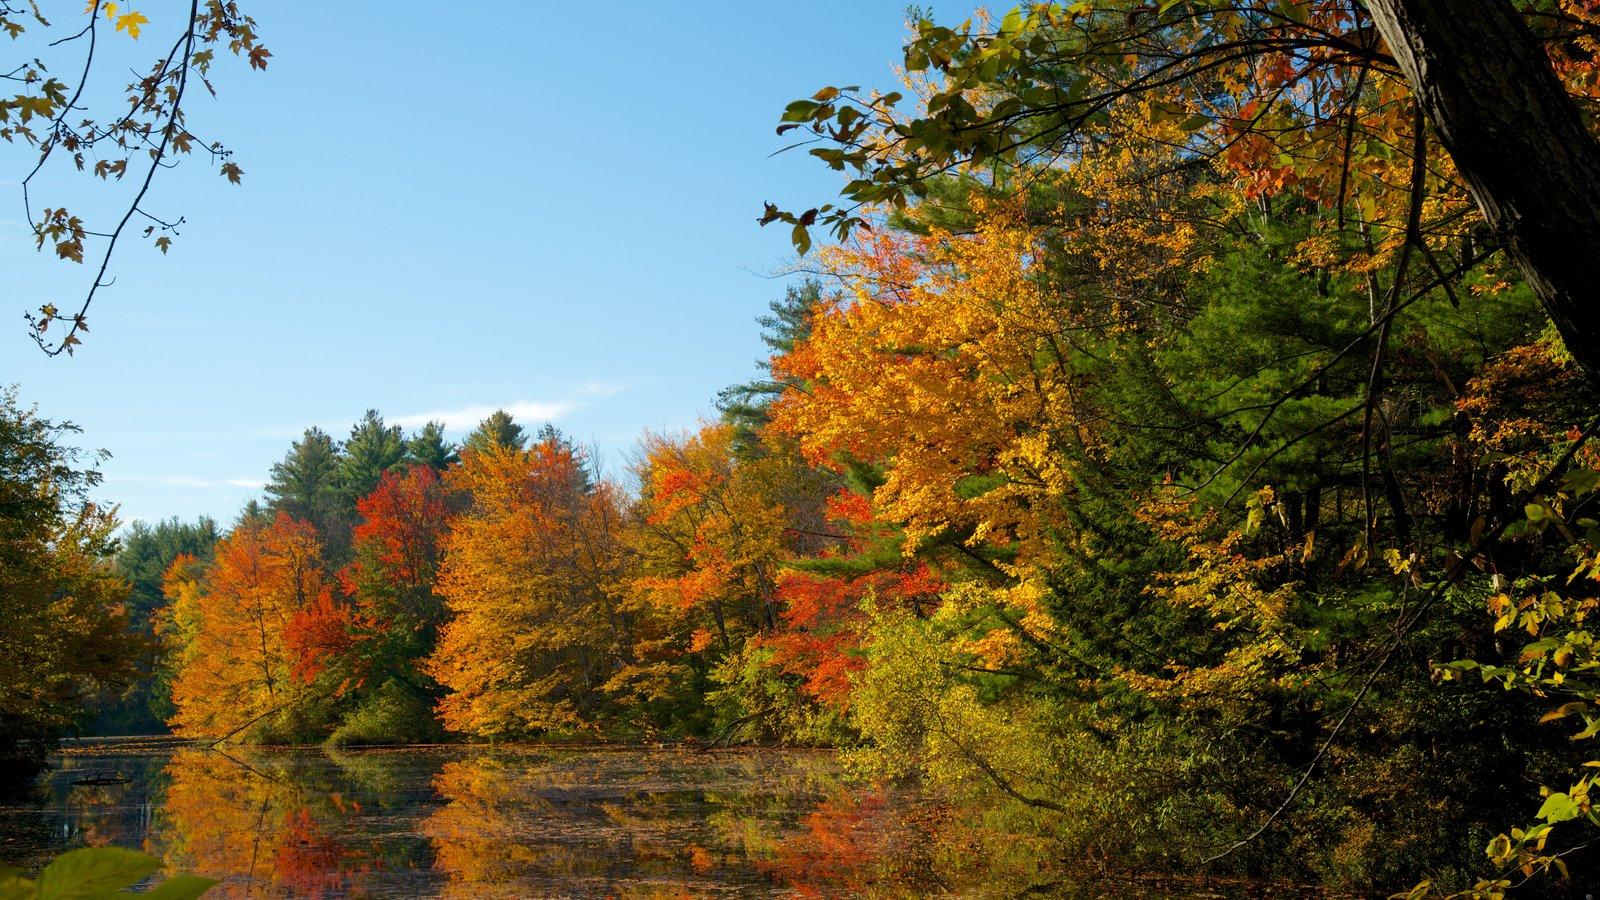 Conway que inclui um jardim, folhas de outono e um rio ou córrego